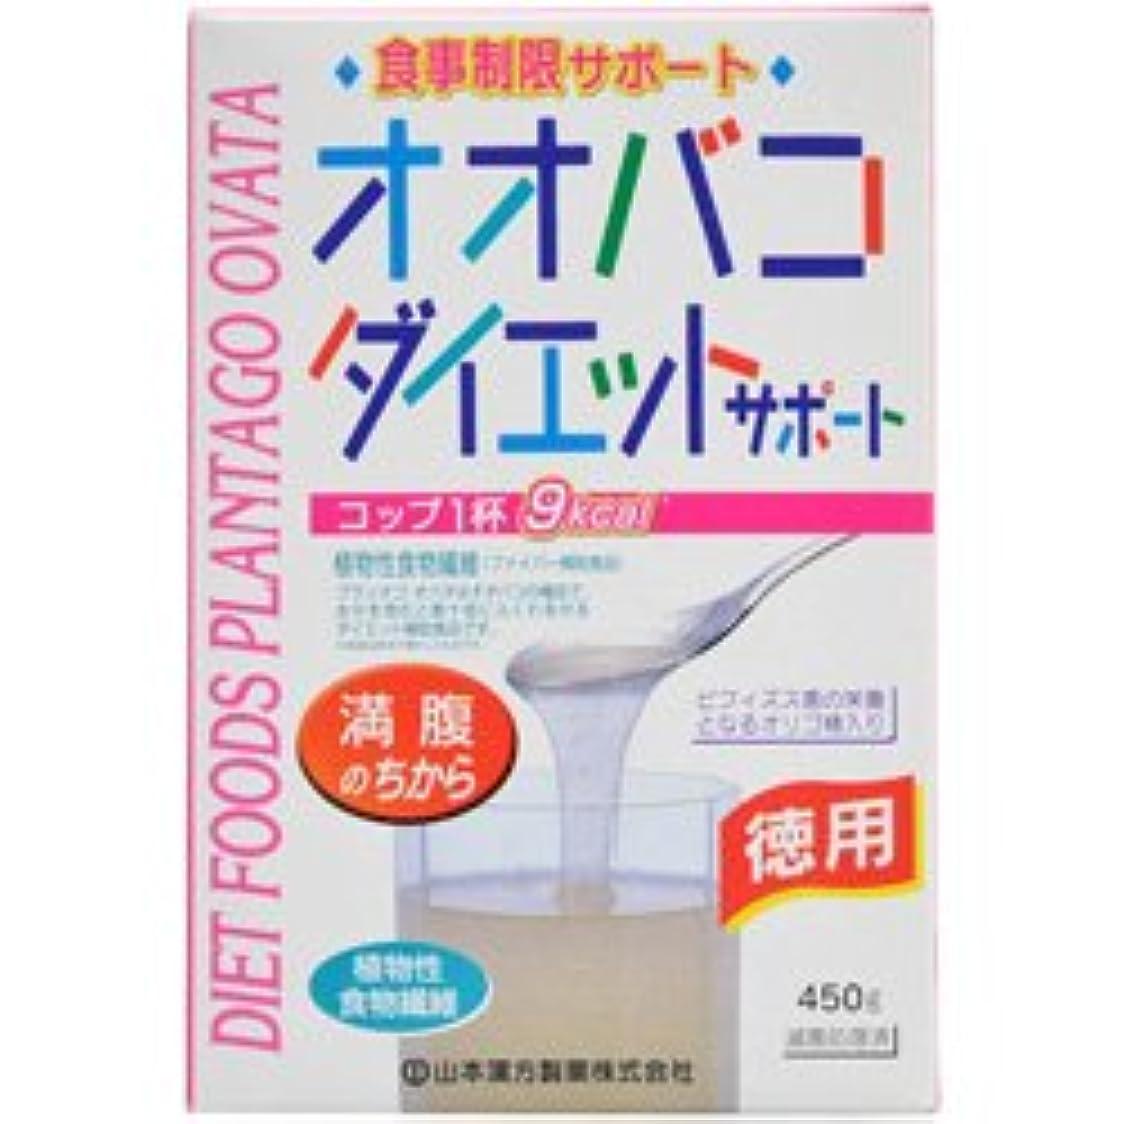 海港ネーピア自由【山本漢方製薬】オオバコ ダイエット お徳用 450g ×20個セット